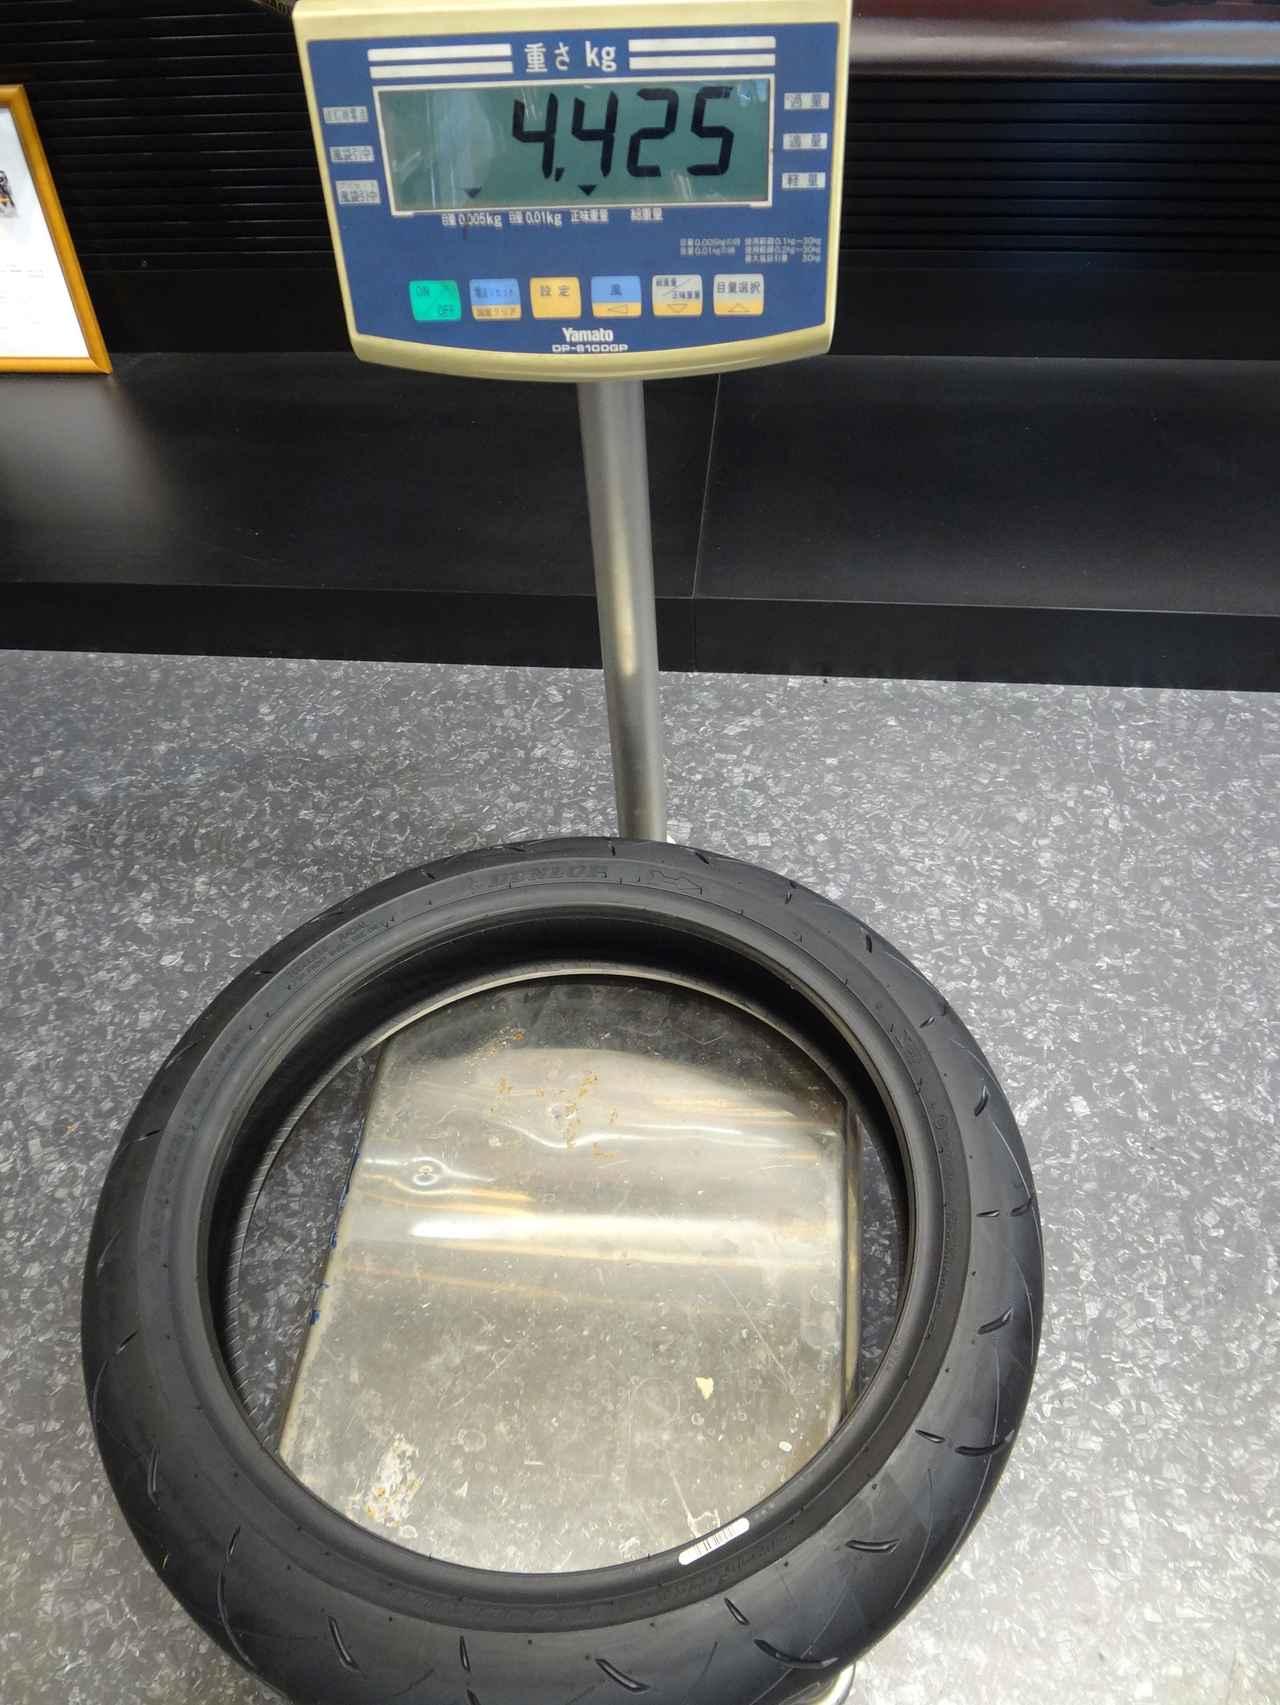 画像: 「タイヤの単体重量を知りたい」というコメントがあったので、交換時の写真を引っ張り出してきた。フロントが4.425kg、リアが6.830kgでした。僕が履いてきた8セットの中では標準的な数値です。